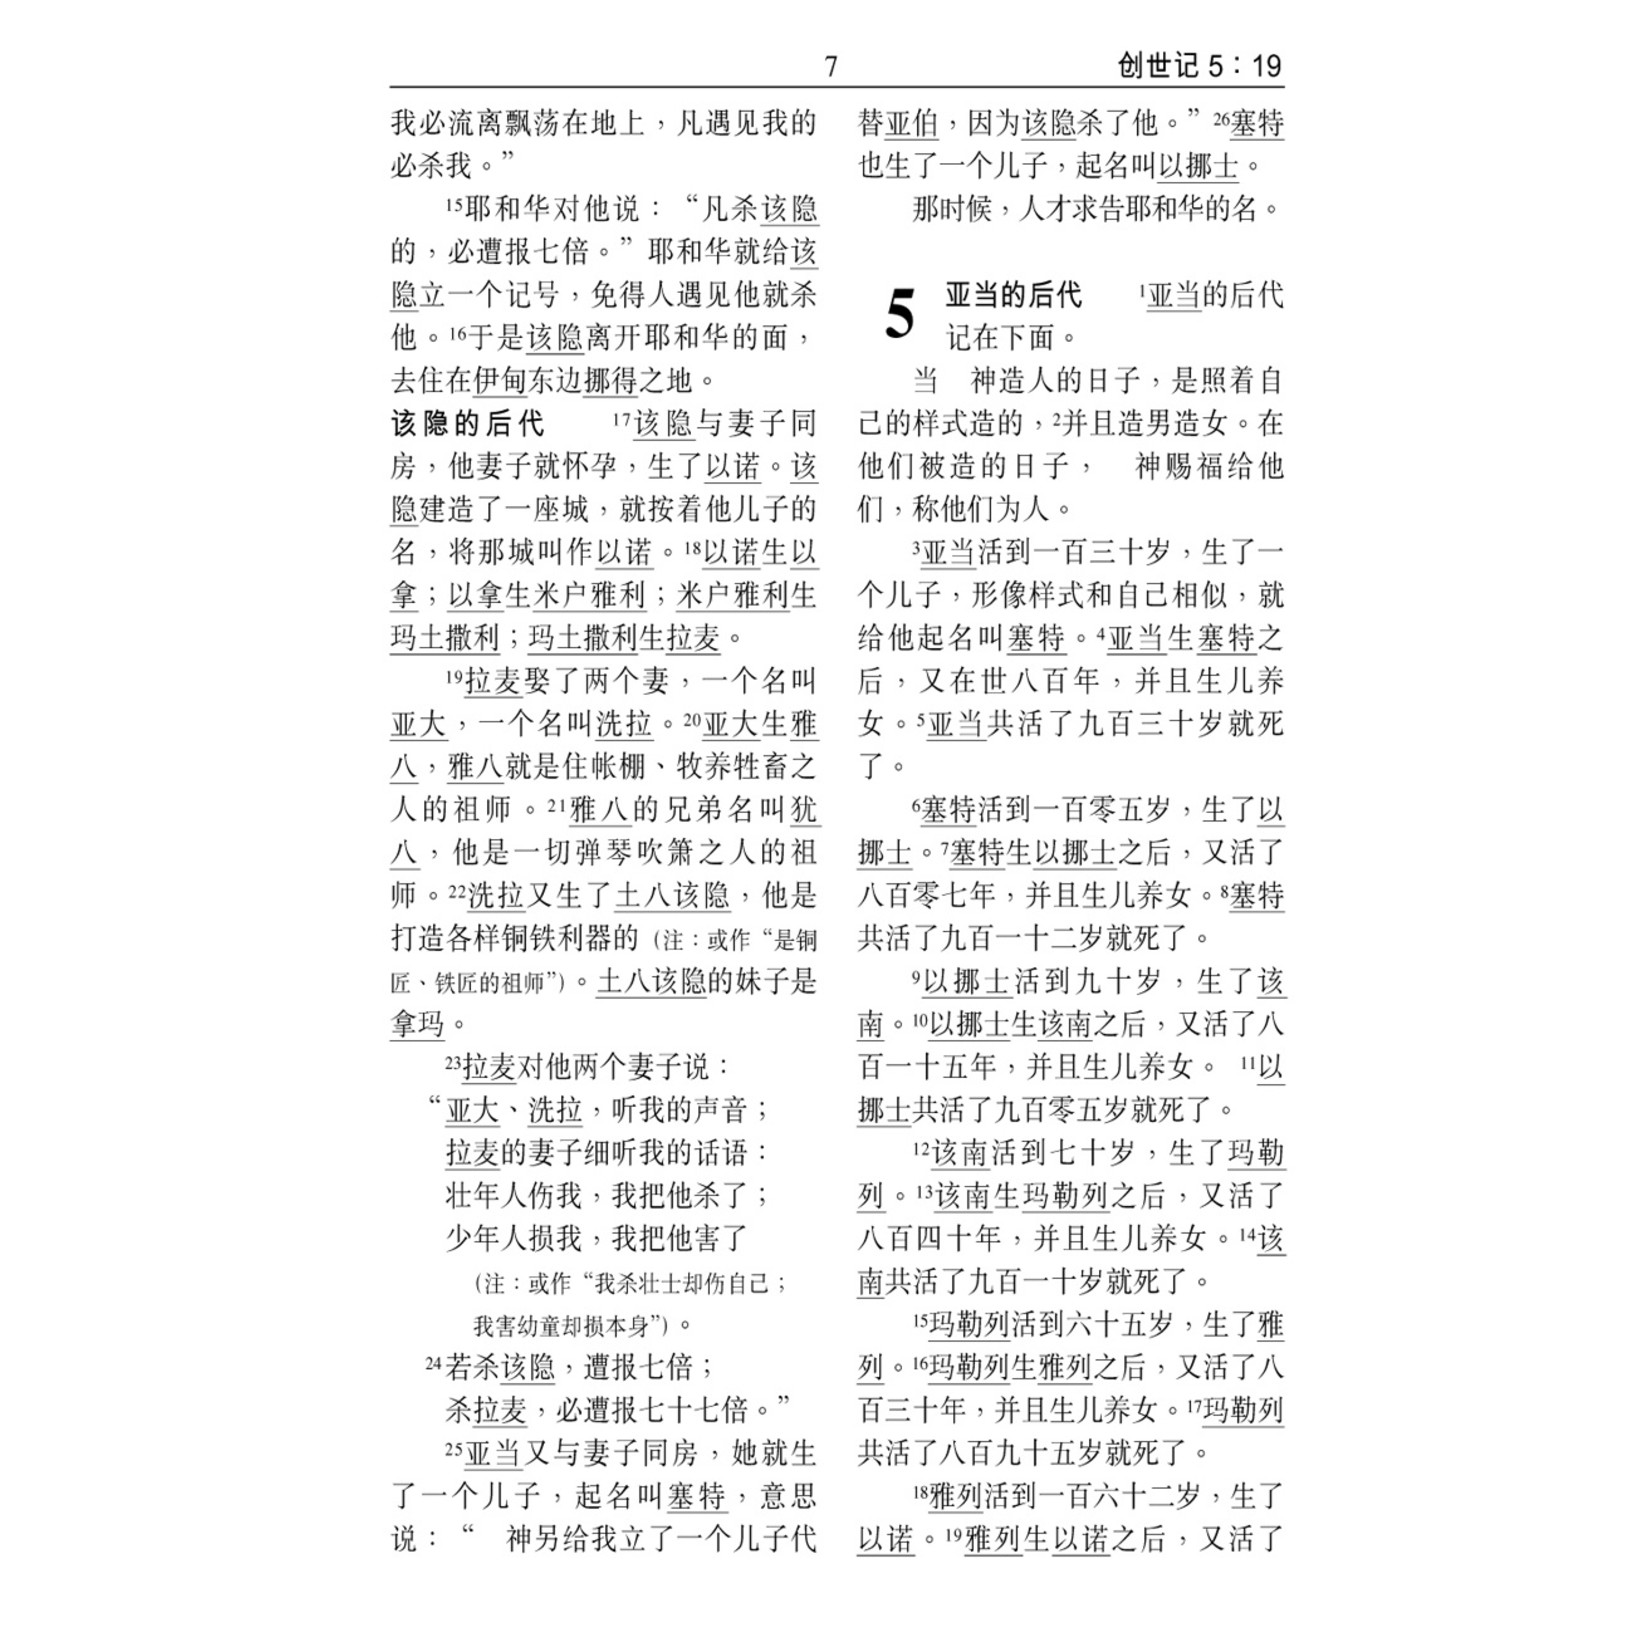 漢語聖經協會 Chinese Bible International 圣经.祈祷应许版拇指版.袖珍本.黑色仿皮面.金边.拉链 Union Version (Prayer & Promise Edition) (Black Leather Zipper Thumb indexed Gilt